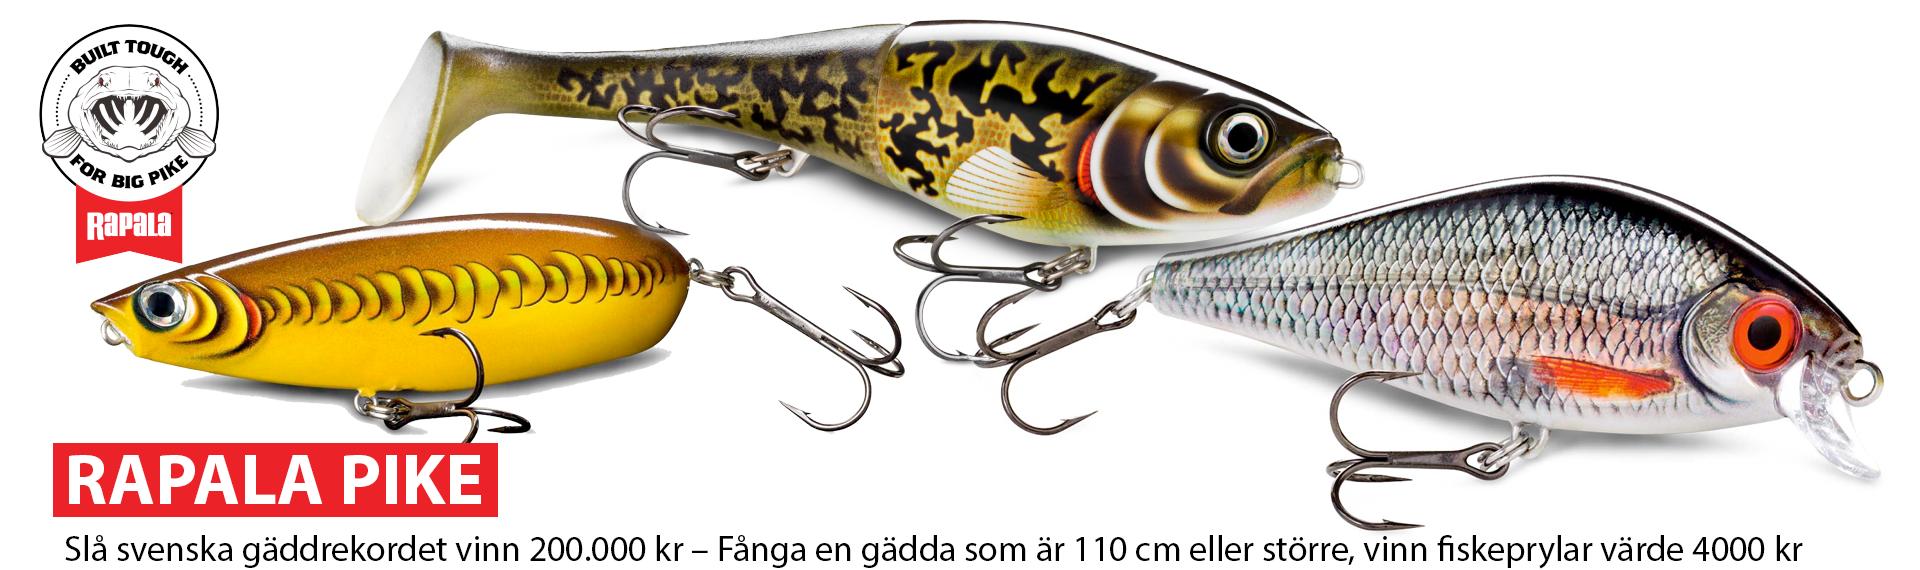 Rapala Pike